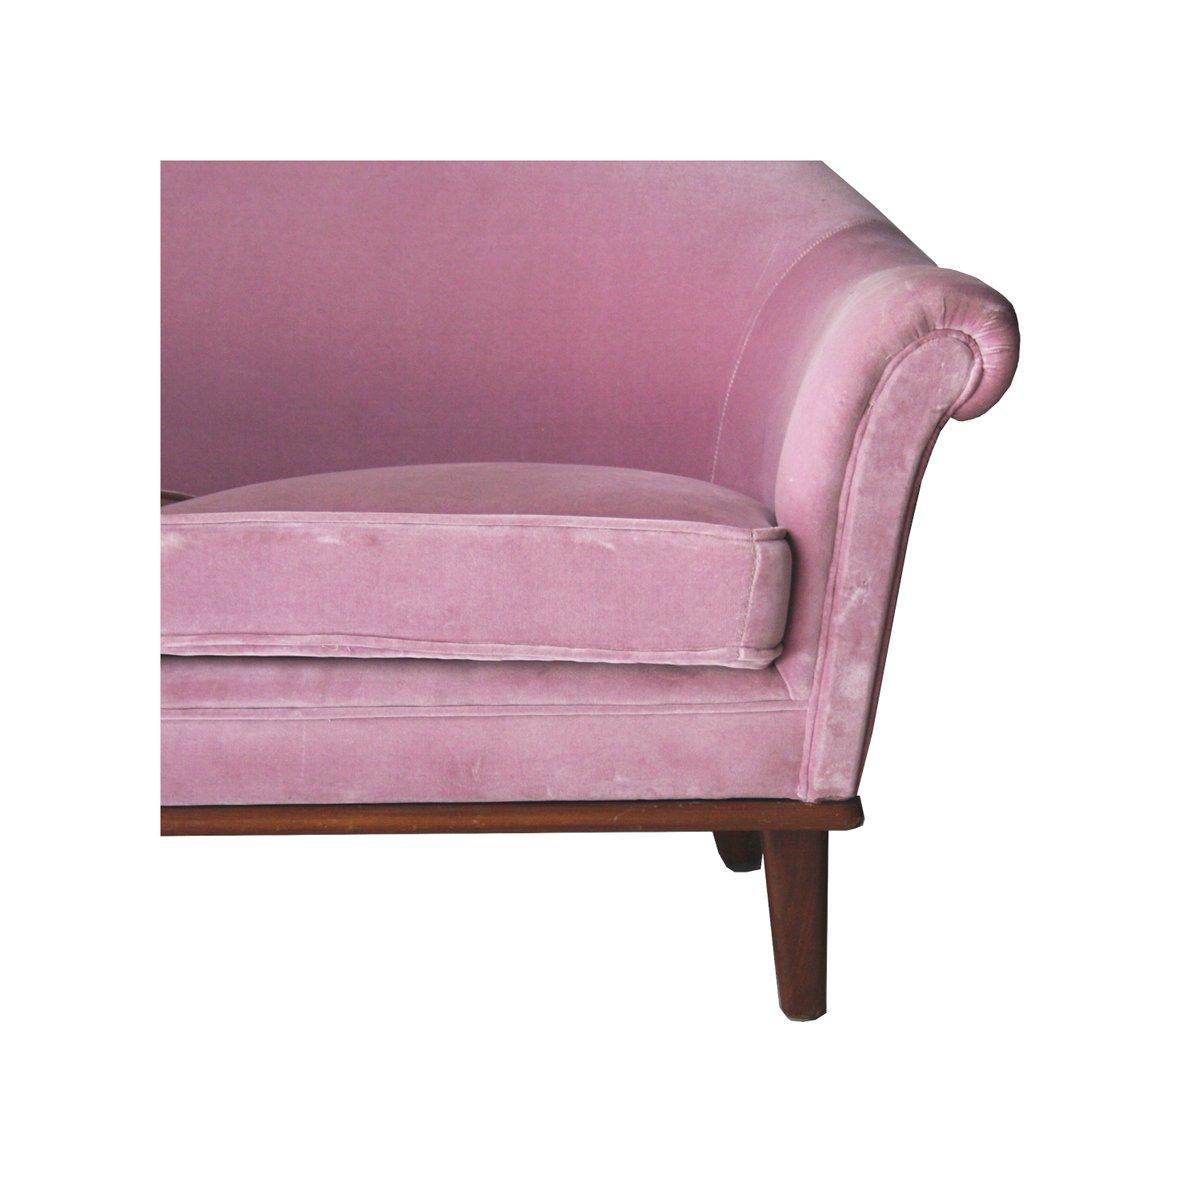 swedish pink velvet sofa 1950s 5 345000 - Pink Velvet Sofa